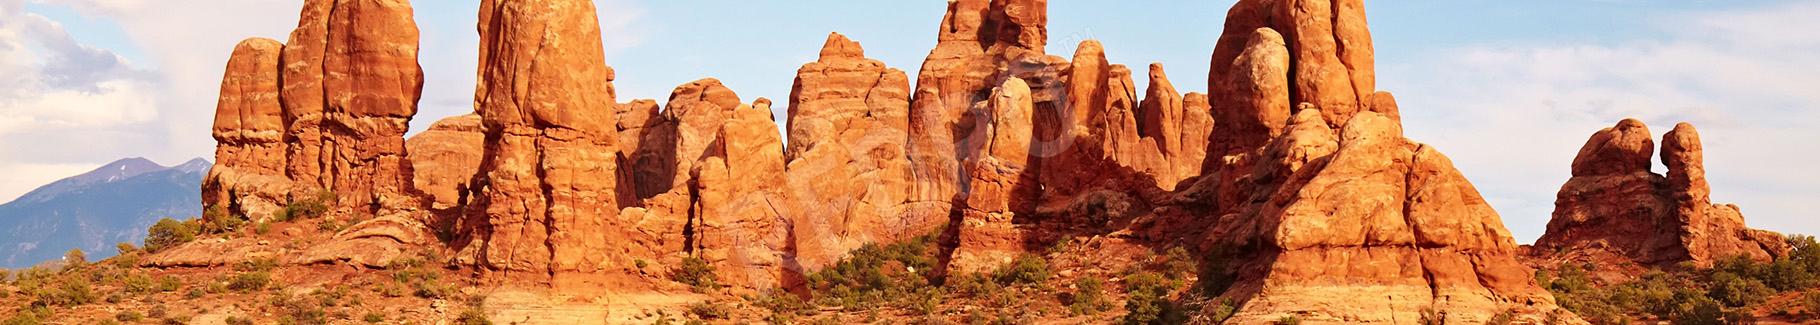 Fototapeta czerwona pustynia